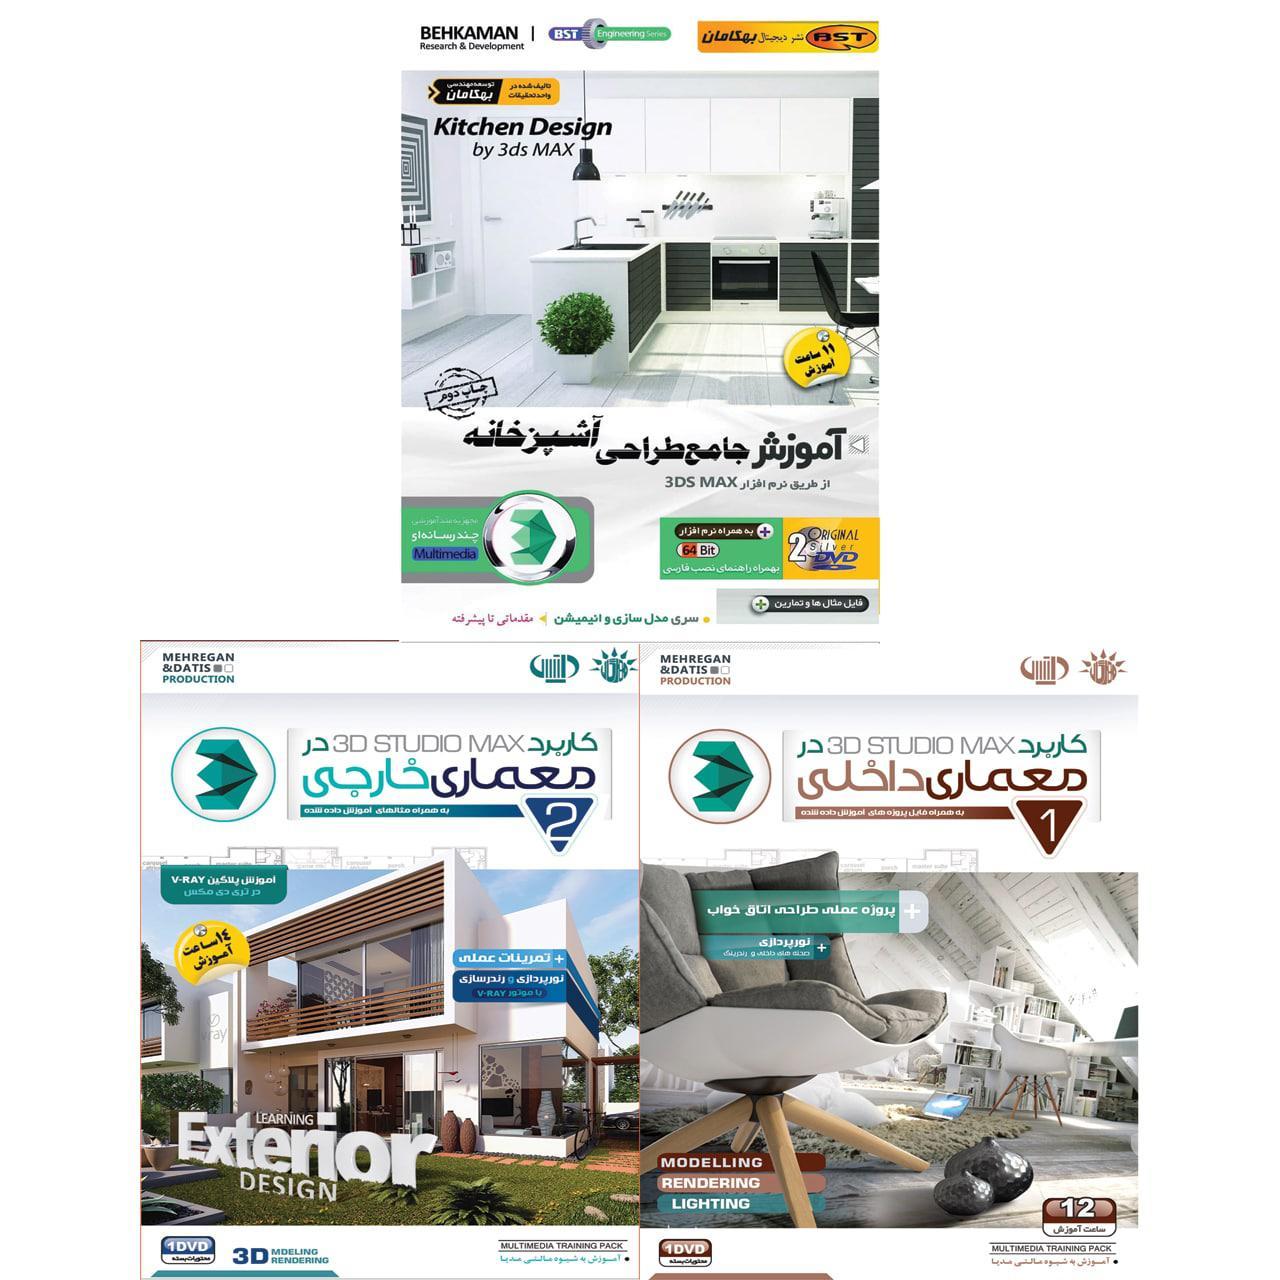 نرم افزار آموزش کاربرد 3D Max در معماری نشر مهرگان بهمراه نرم افزار طراحی آشپزخانه با max